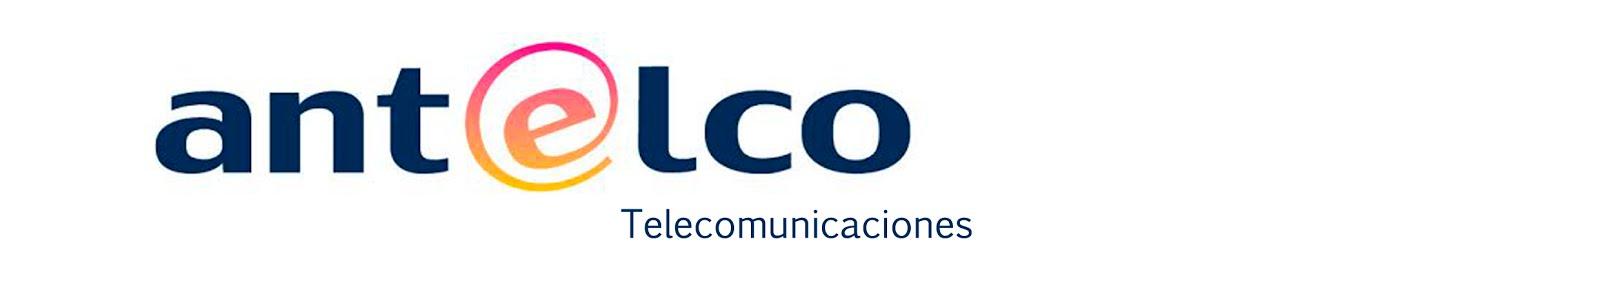 ANTELCO TELECOMUNICACIONES